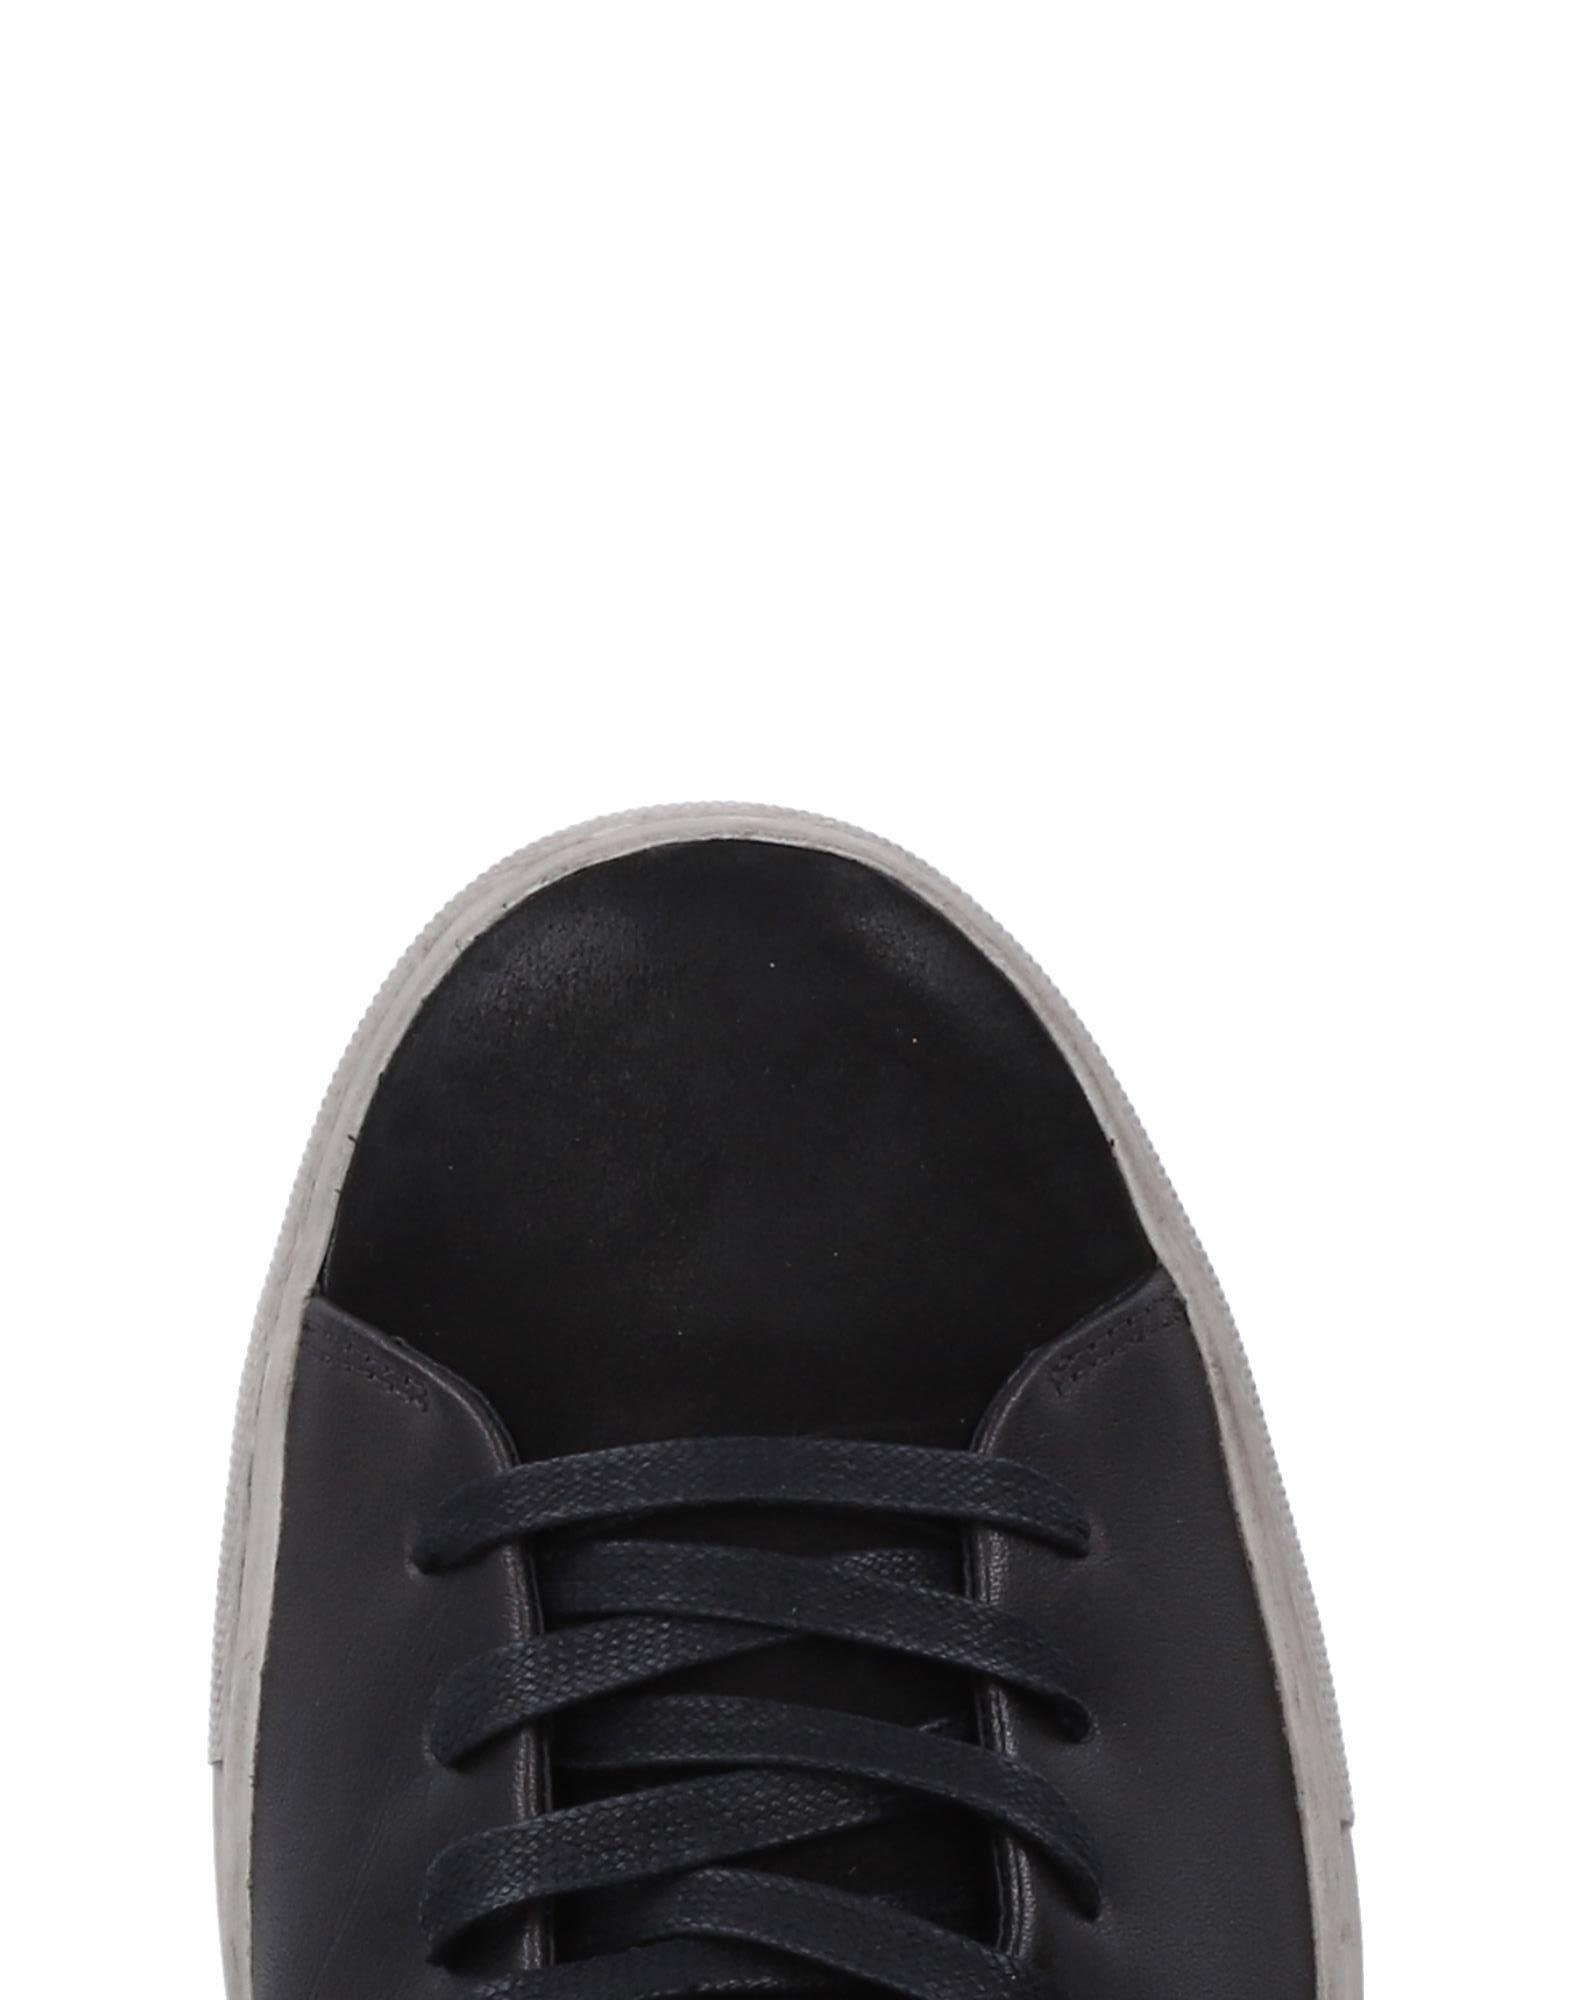 Rabatt echte Schuhe Herren Crime London Sneakers Herren Schuhe  11516020MS 333f41